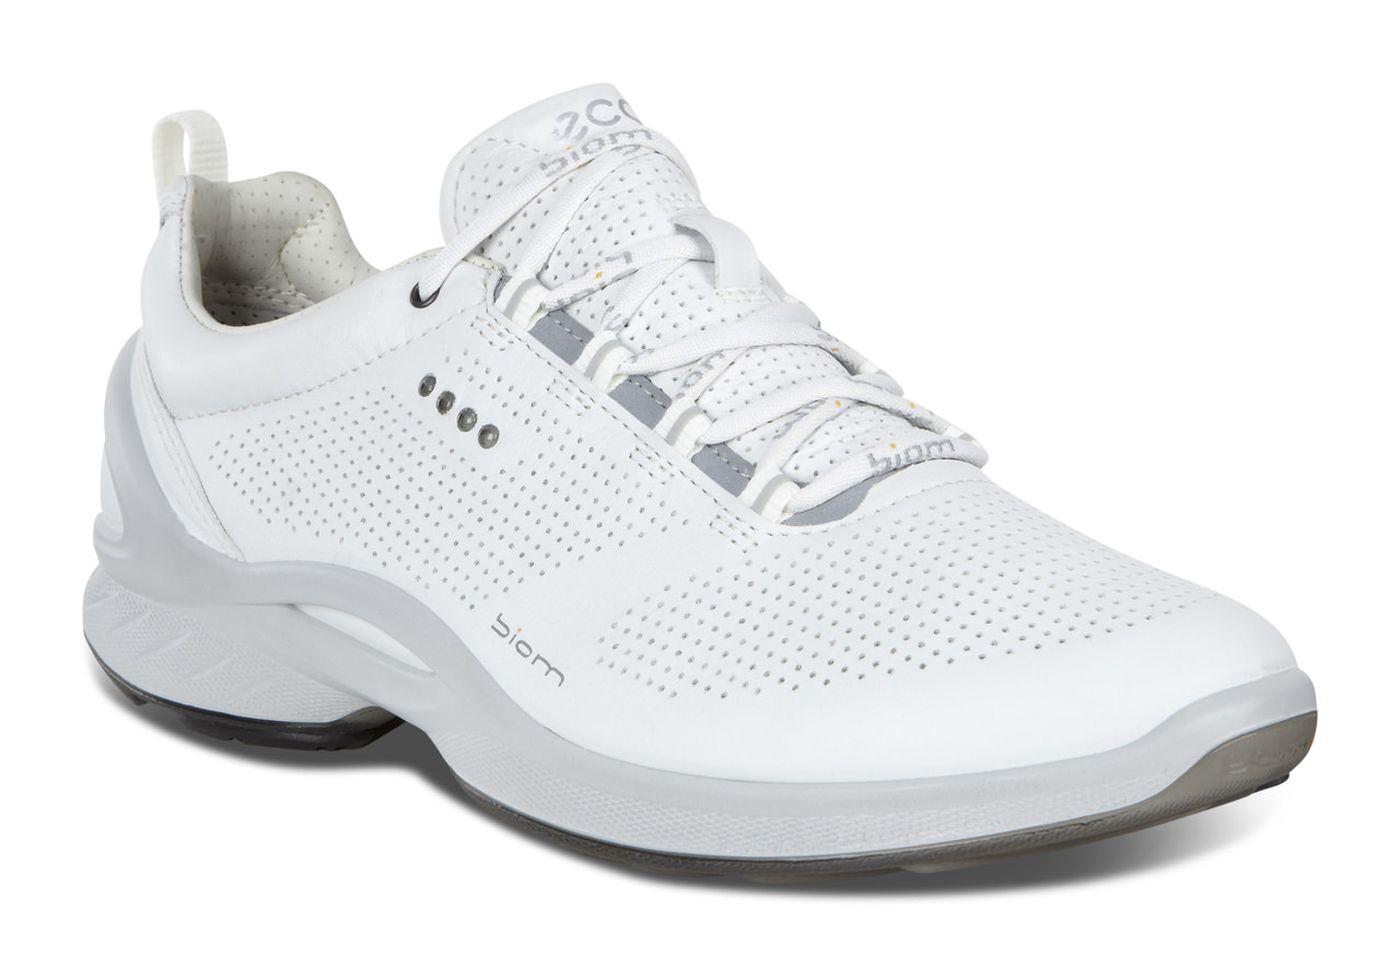 Casual shoes women, Ecco shoes